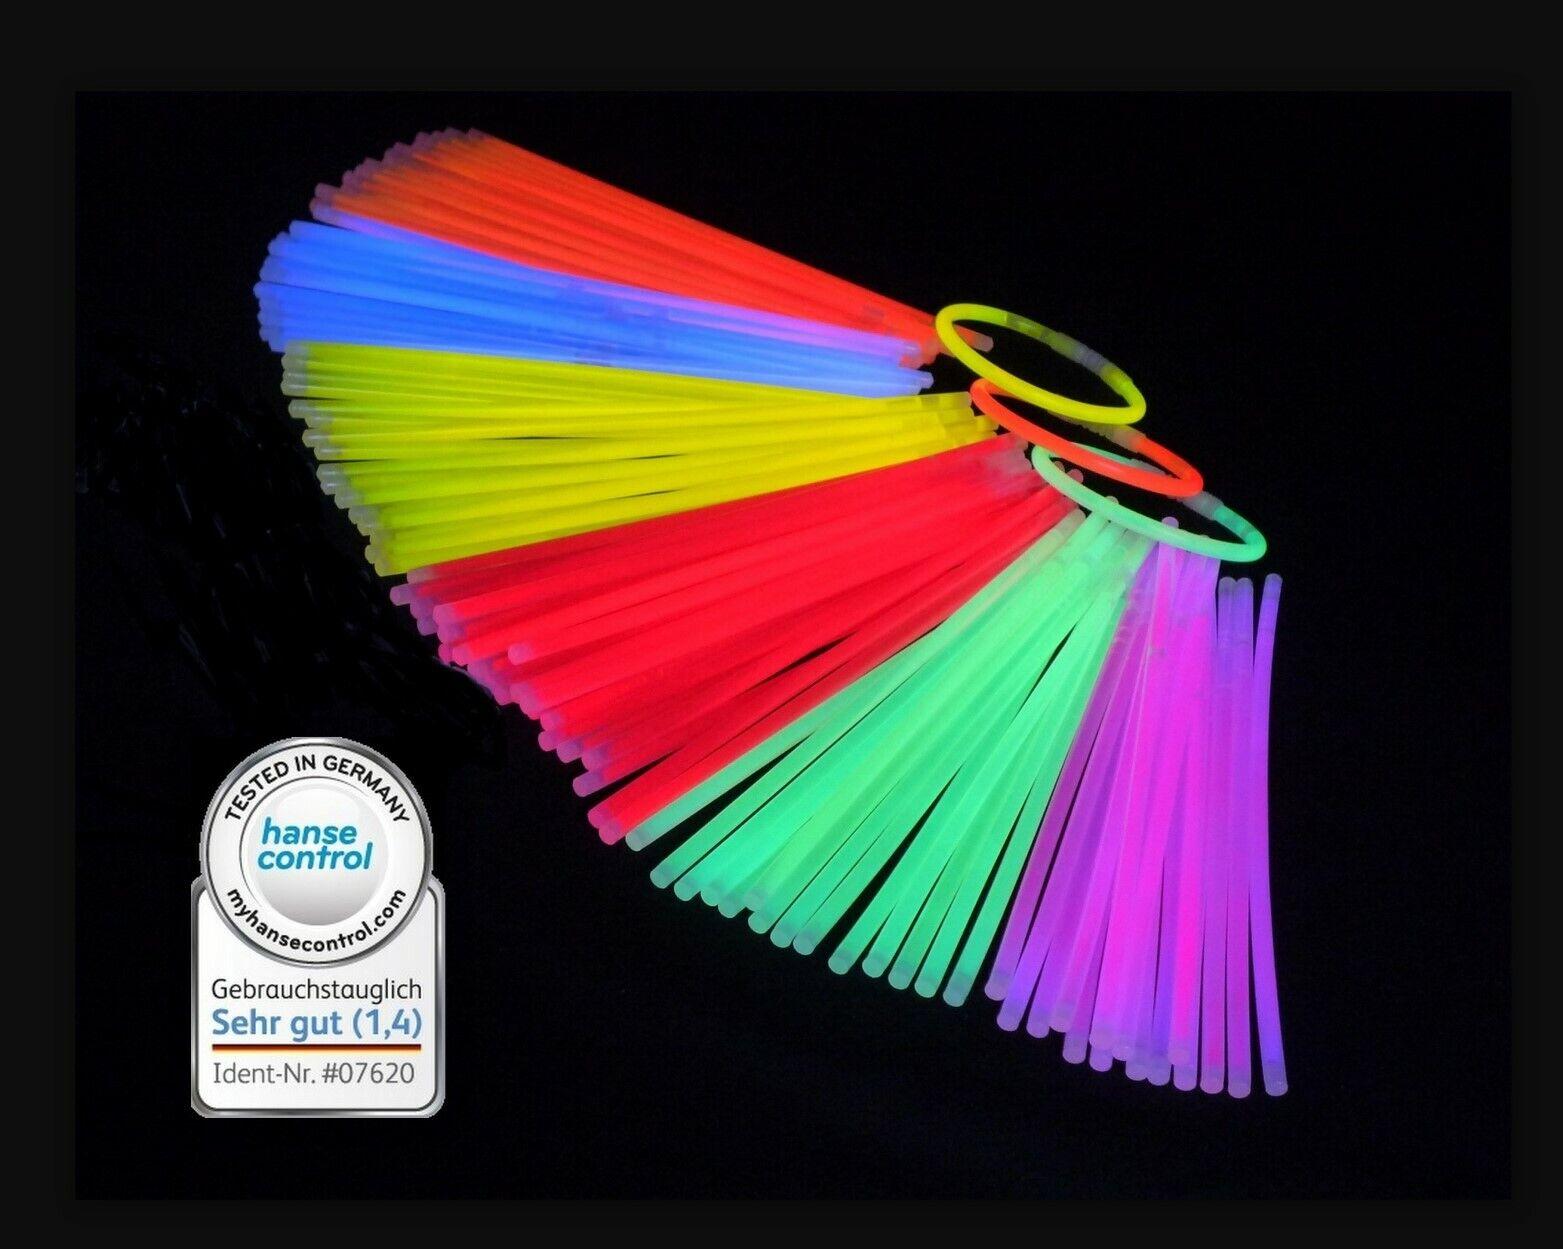 300 Knicklichter 200 x 5 mm im Farb-Mix oder einfarbig  Leuchtstäbe Glow Sticks